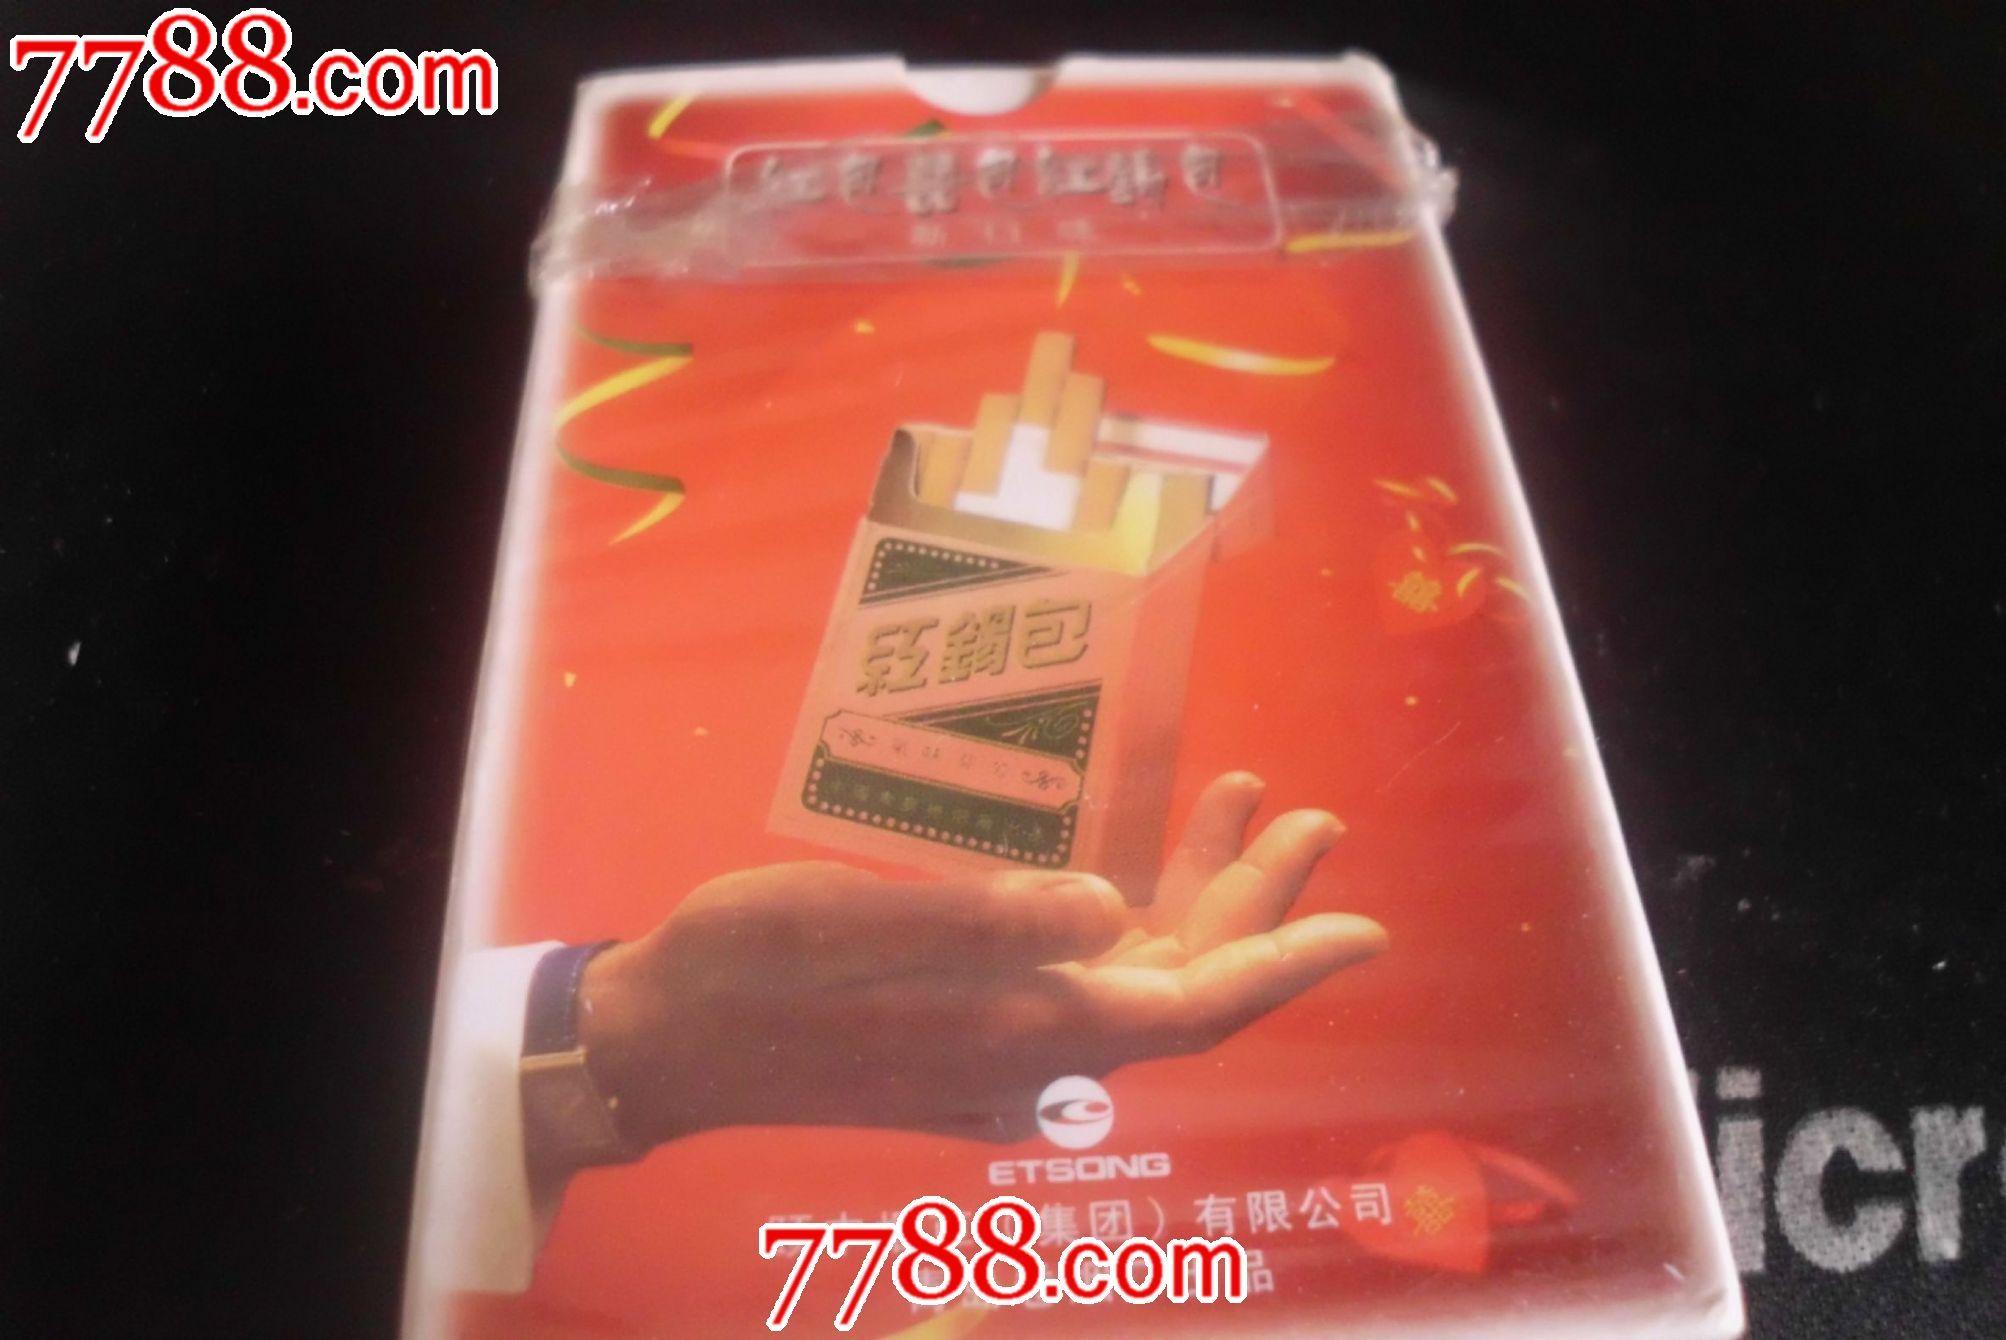 红锡包扑克_价格23元【青岛大牛房】_第1张_中国收藏热线